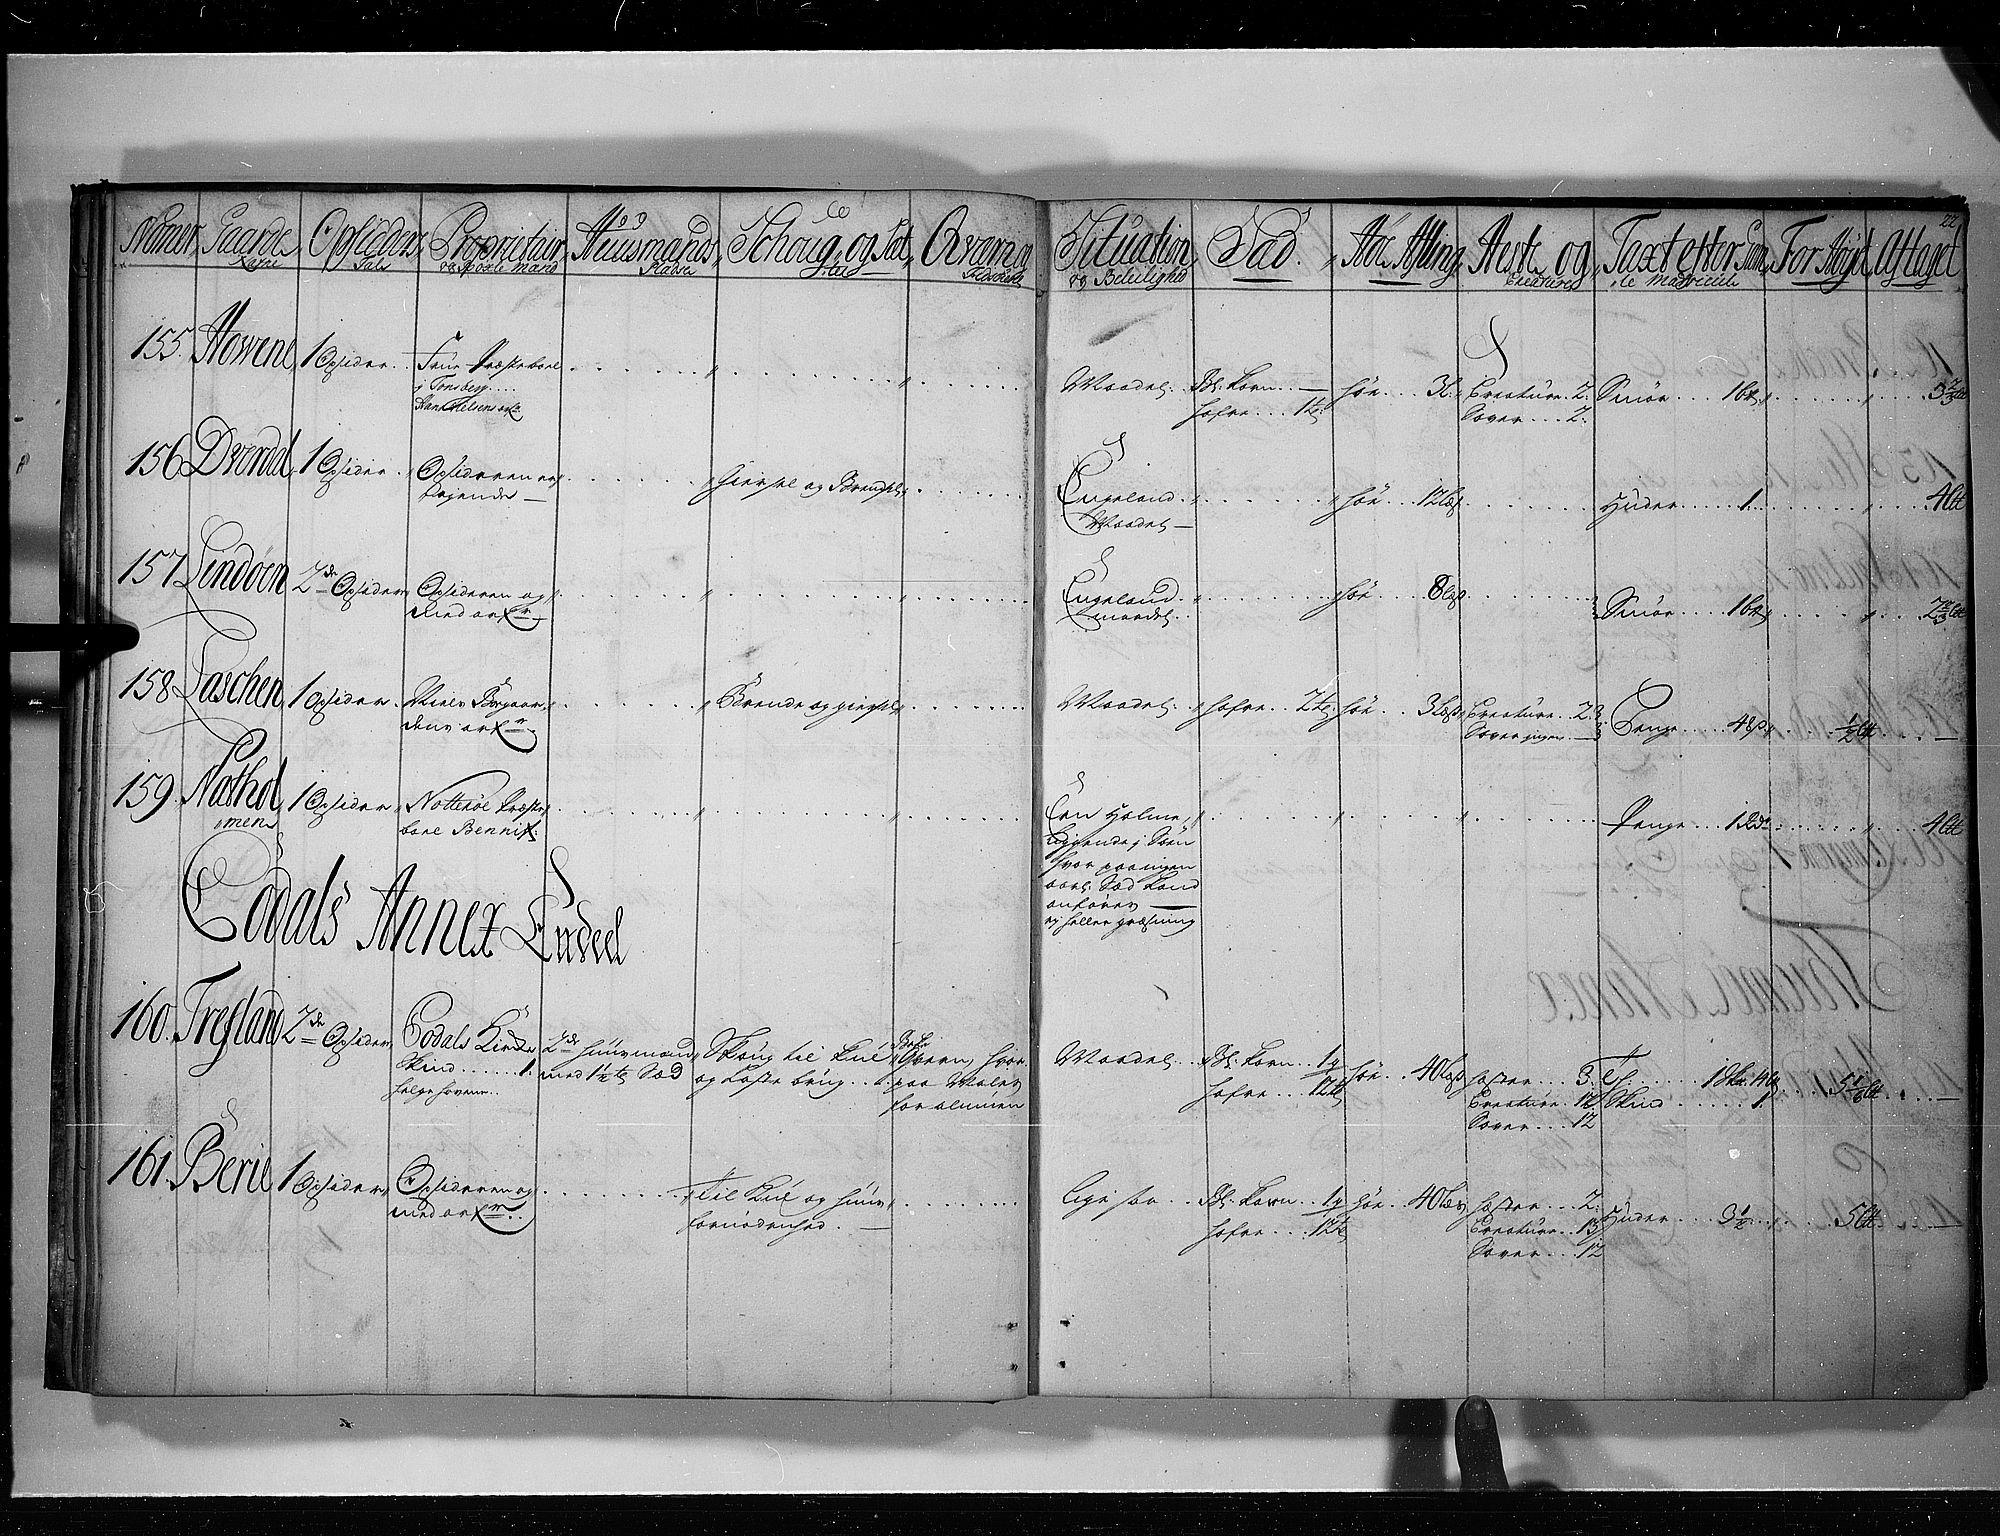 RA, Rentekammeret inntil 1814, Realistisk ordnet avdeling, N/Nb/Nbf/L0117: Larvik grevskap eksaminasjonsprotokoll, 1723, s. 21b-22a